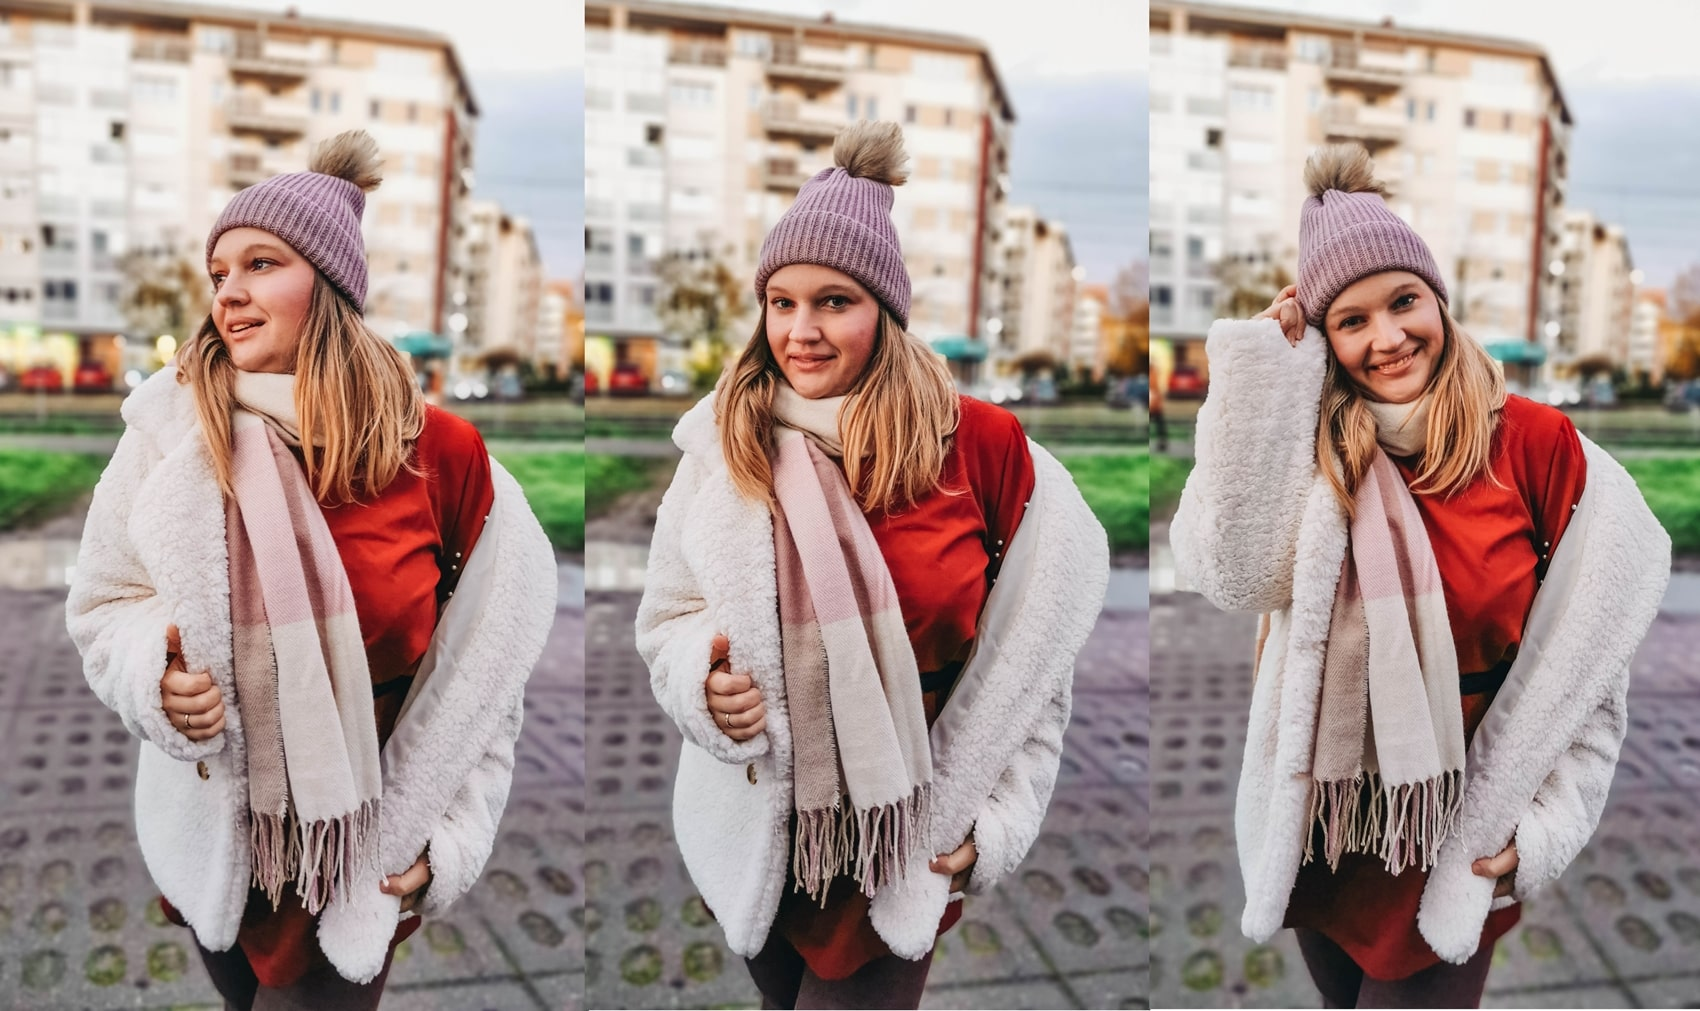 ubrania_shein_zakupy-online